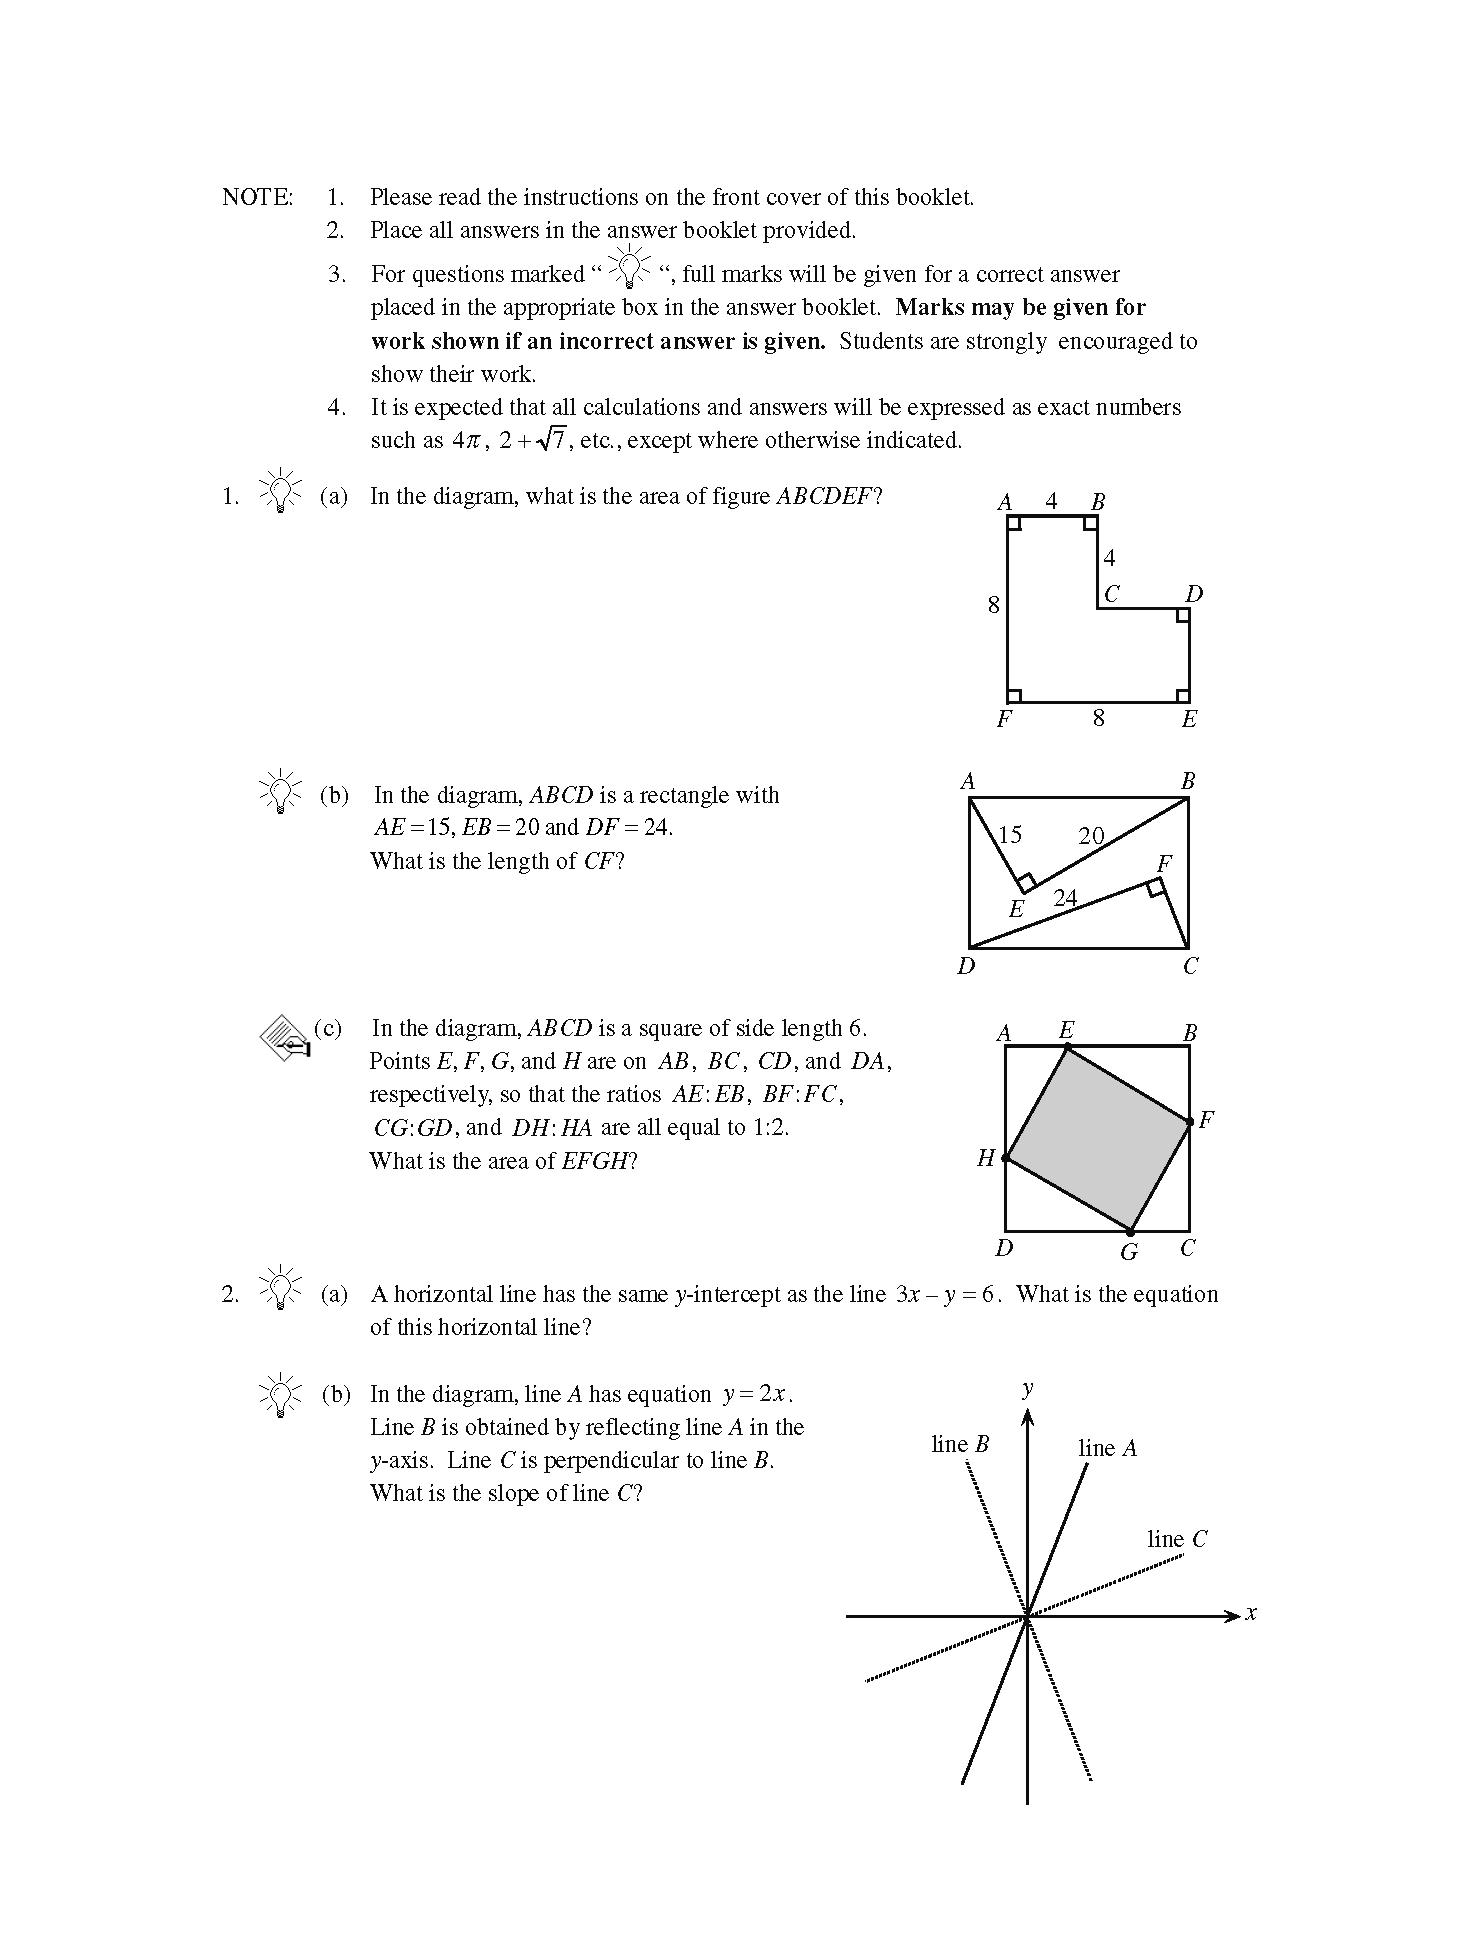 加拿大数学竞赛CMC-Euclid欧几里德数学竞赛2004年真题